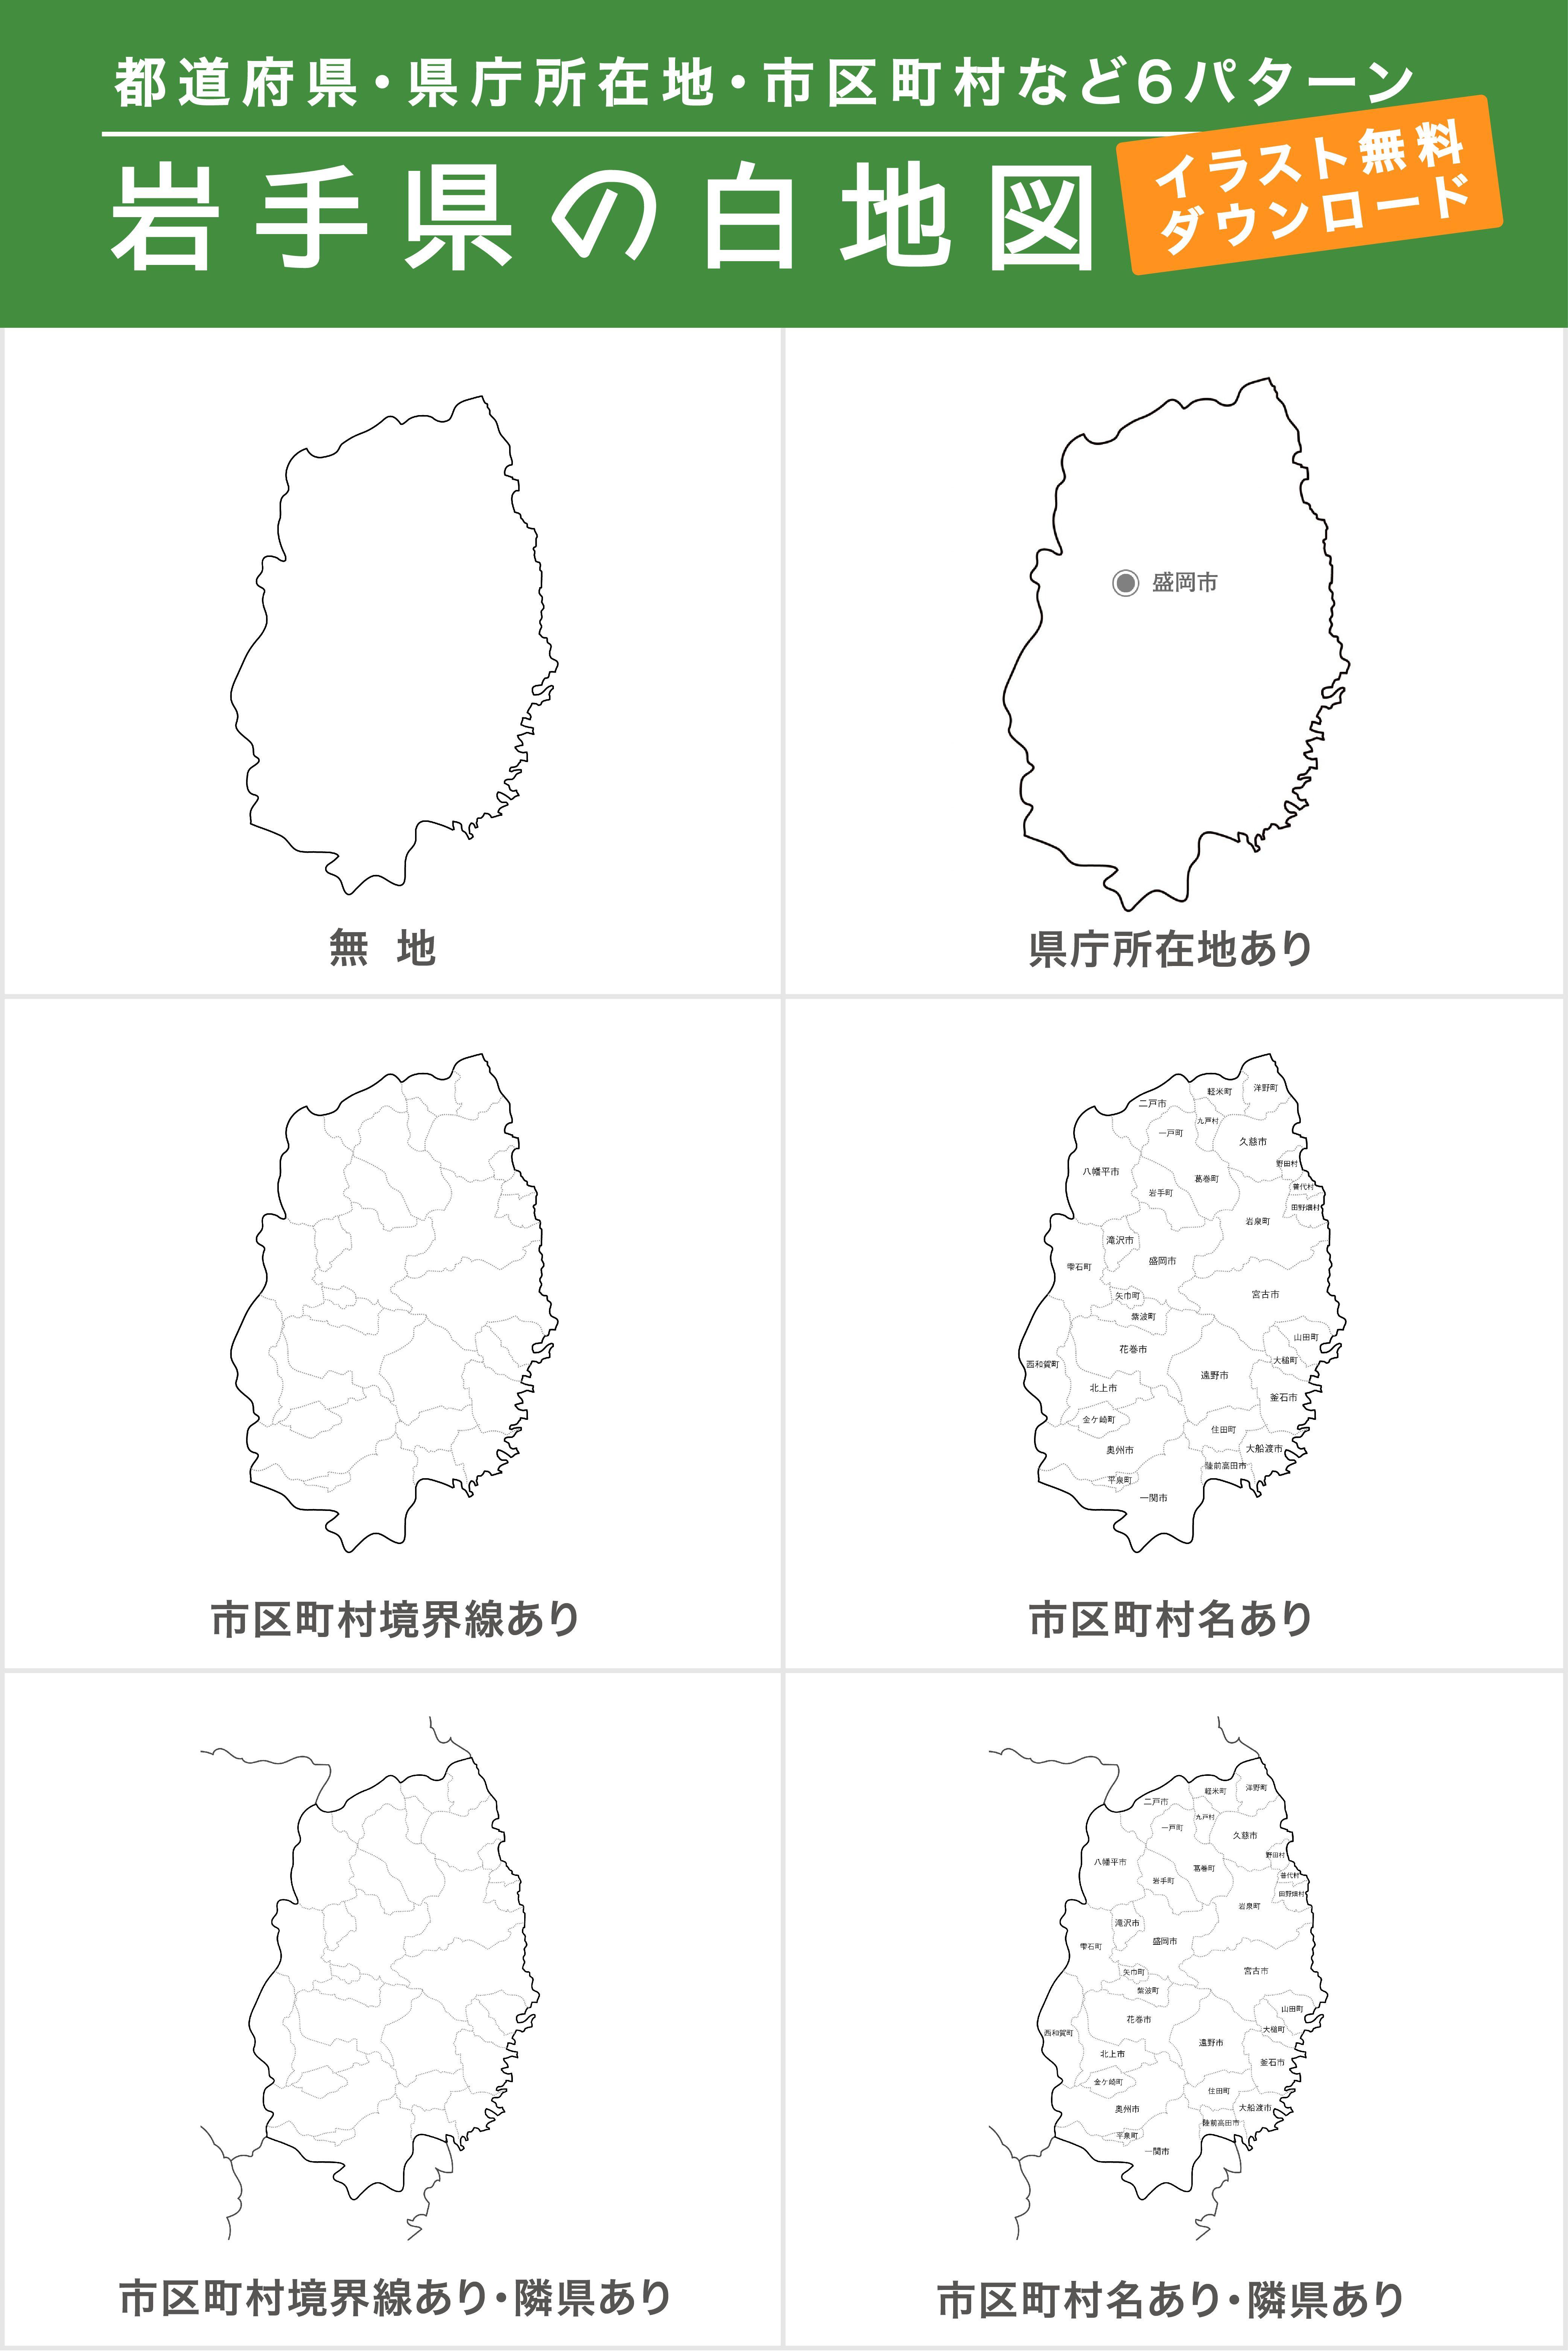 所在地 岩手 県庁 県名と県庁所在地が違うのはなぜだろう?そんな疑問を調べてみました。